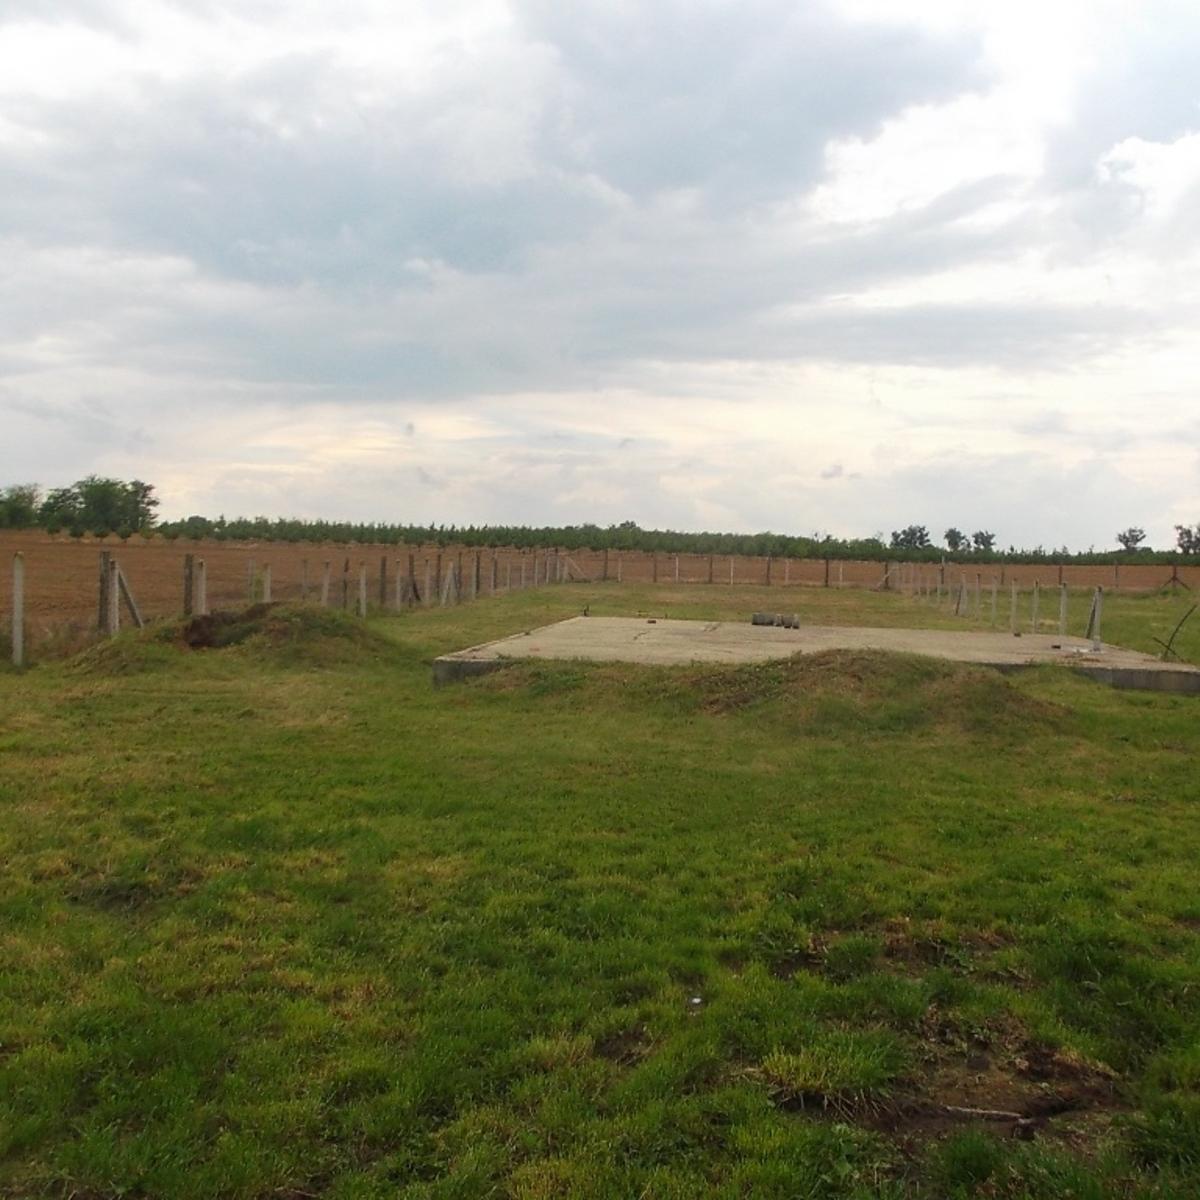 Eladó  telek (Szabolcs-Szatmár-Bereg megye, Nyírtura, Dózsa György utca) 2,4 M  Ft